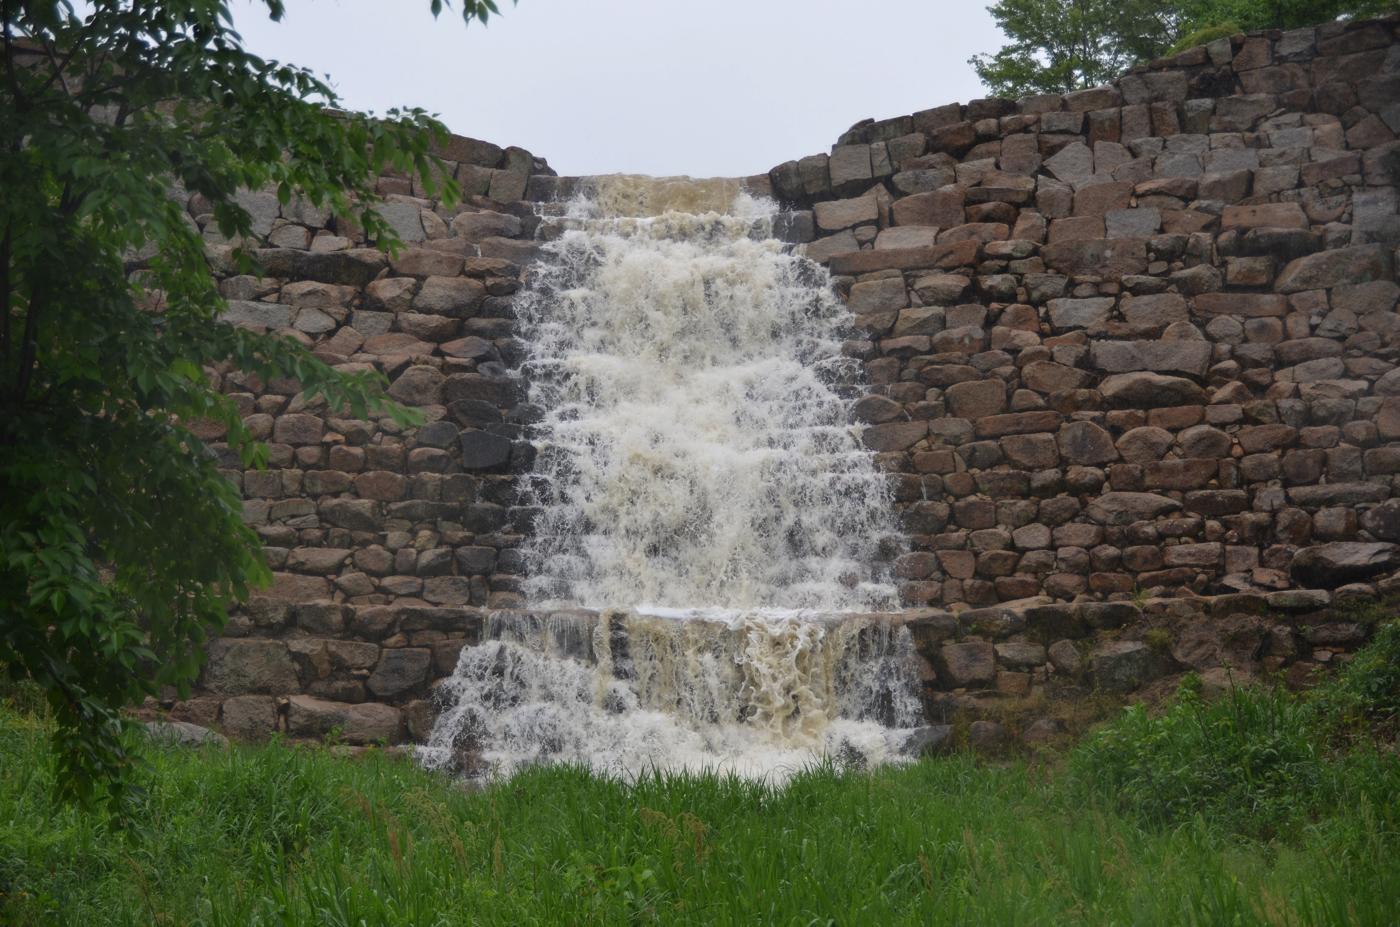 砂留と呼ばれる江戸時代に作られた砂防ダム。御領山に眠っていた古墳群の石室から転用した石も多くあります